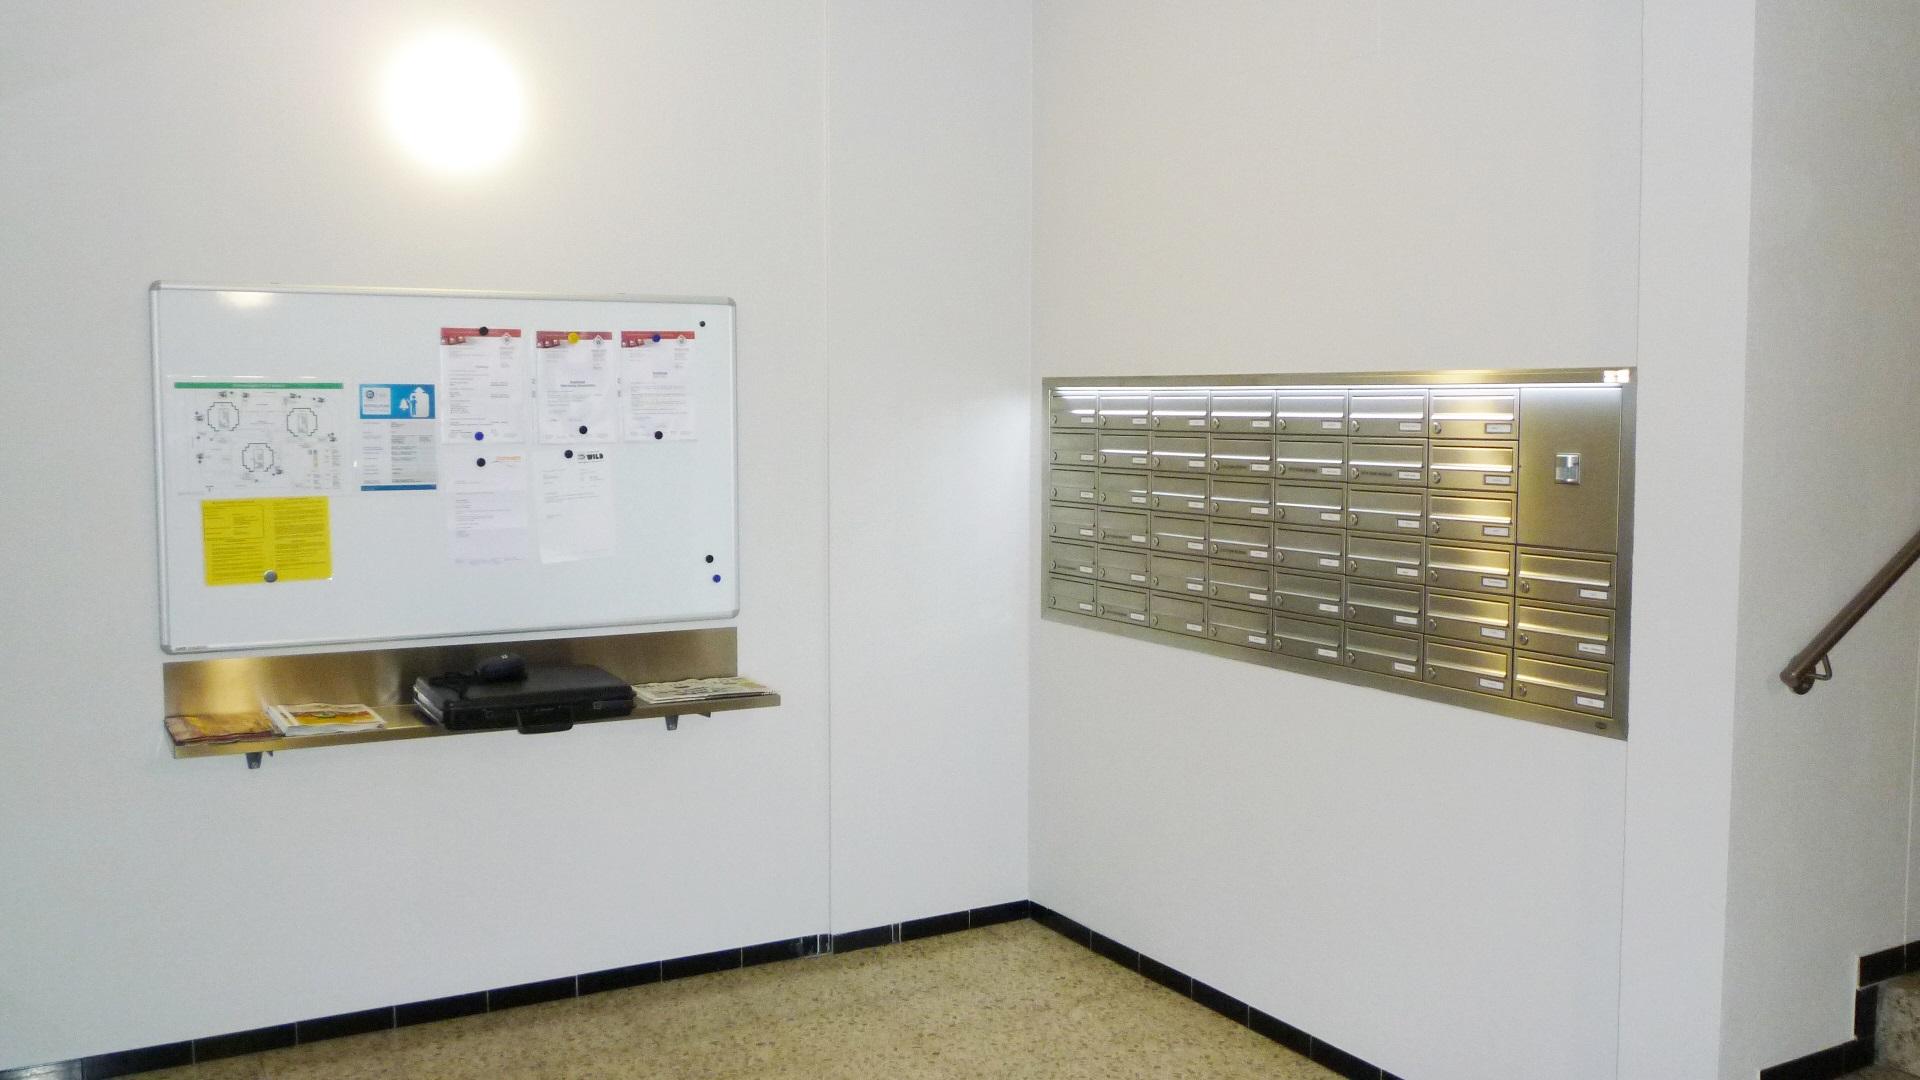 Briefkastenanlage Foyer